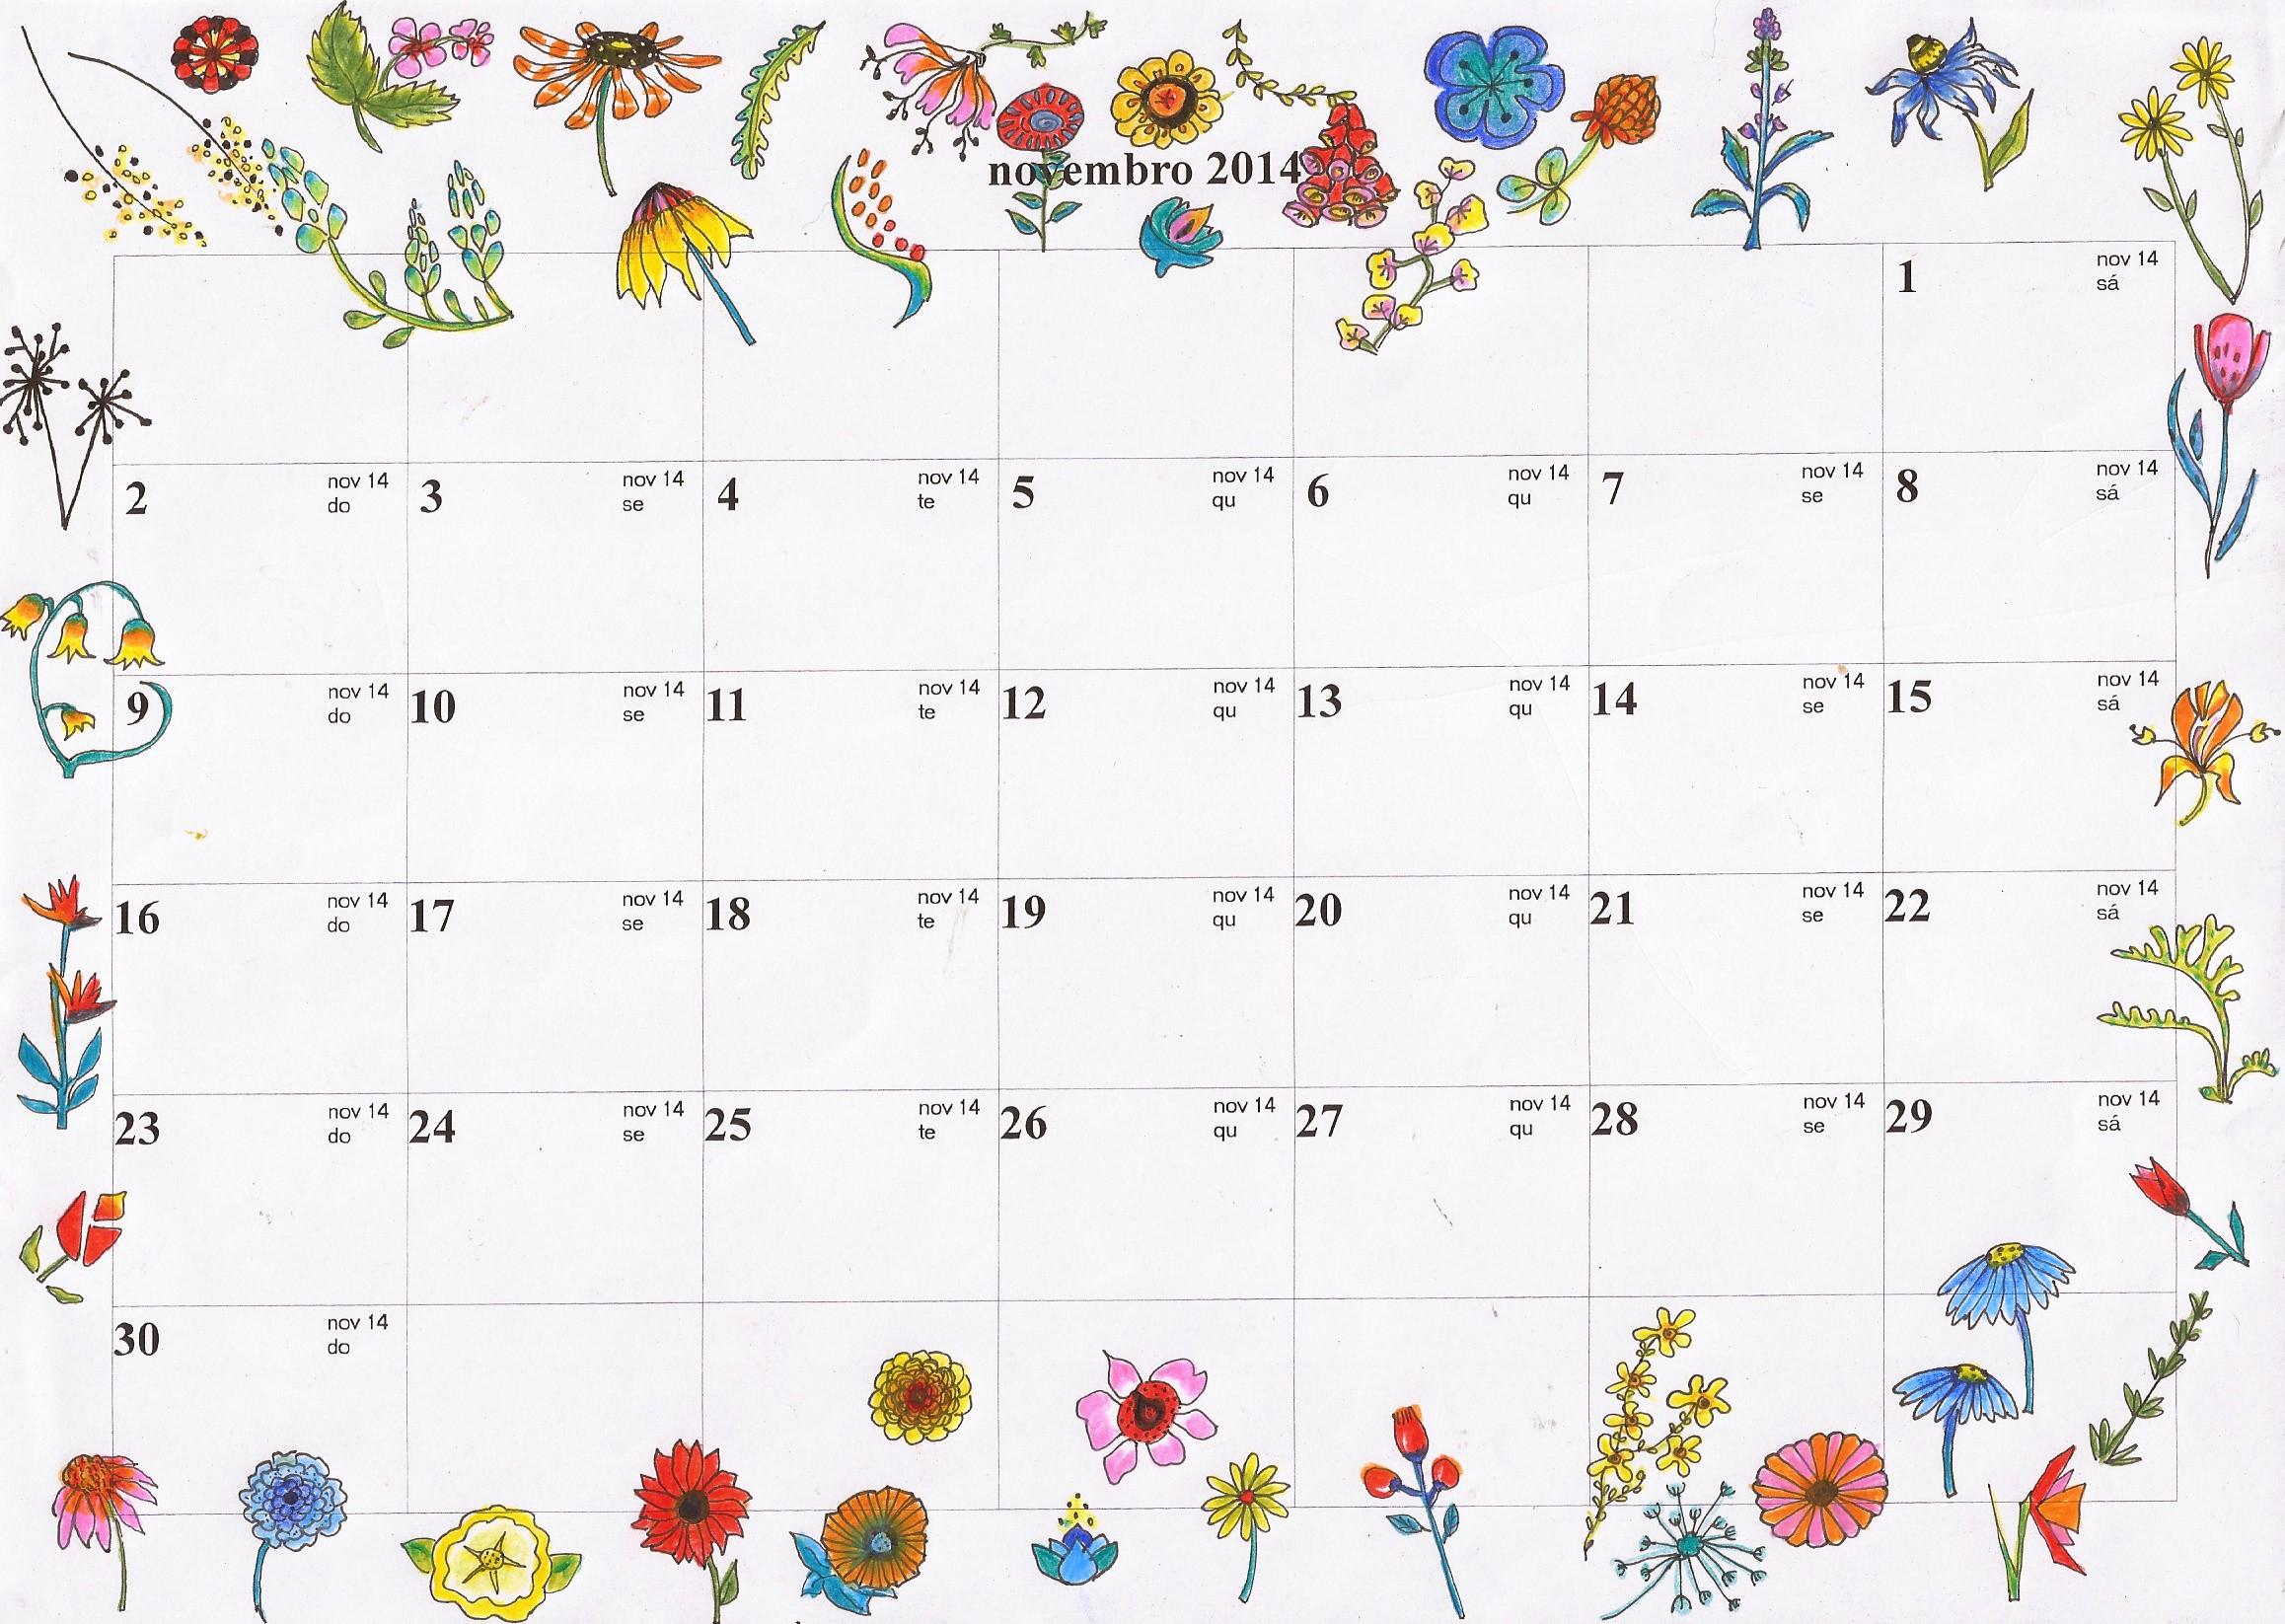 Calendário 2019 Portugal Mejores Y Más Novedosos Calendario Novembro 2018 Imprimir T Of Calendário 2019 Portugal Recientes Lua Calendrio Lunar E Fases Da Lua T